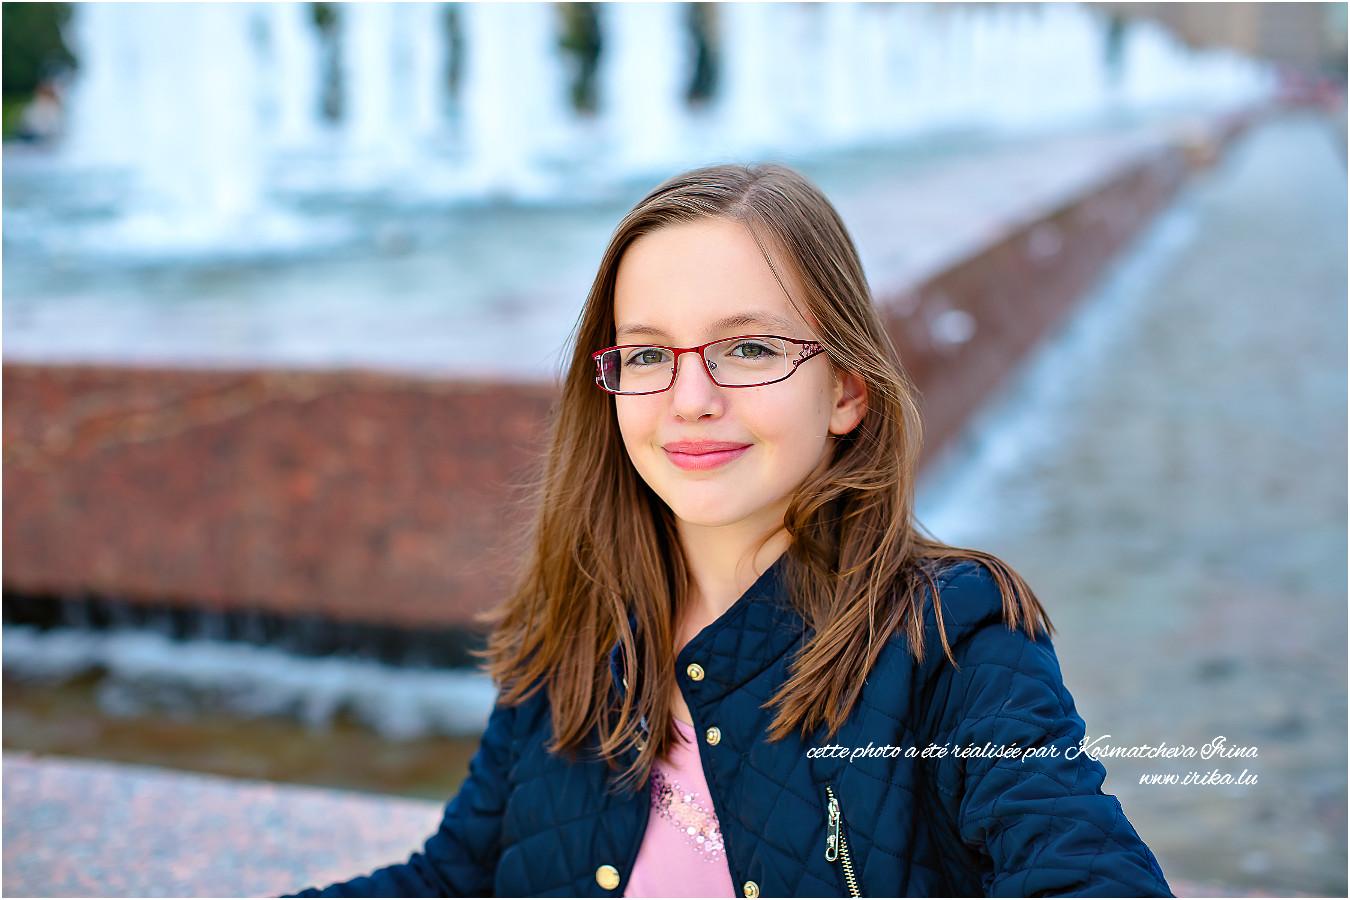 Portrait de Michèle près d'une fontaine à Moscou